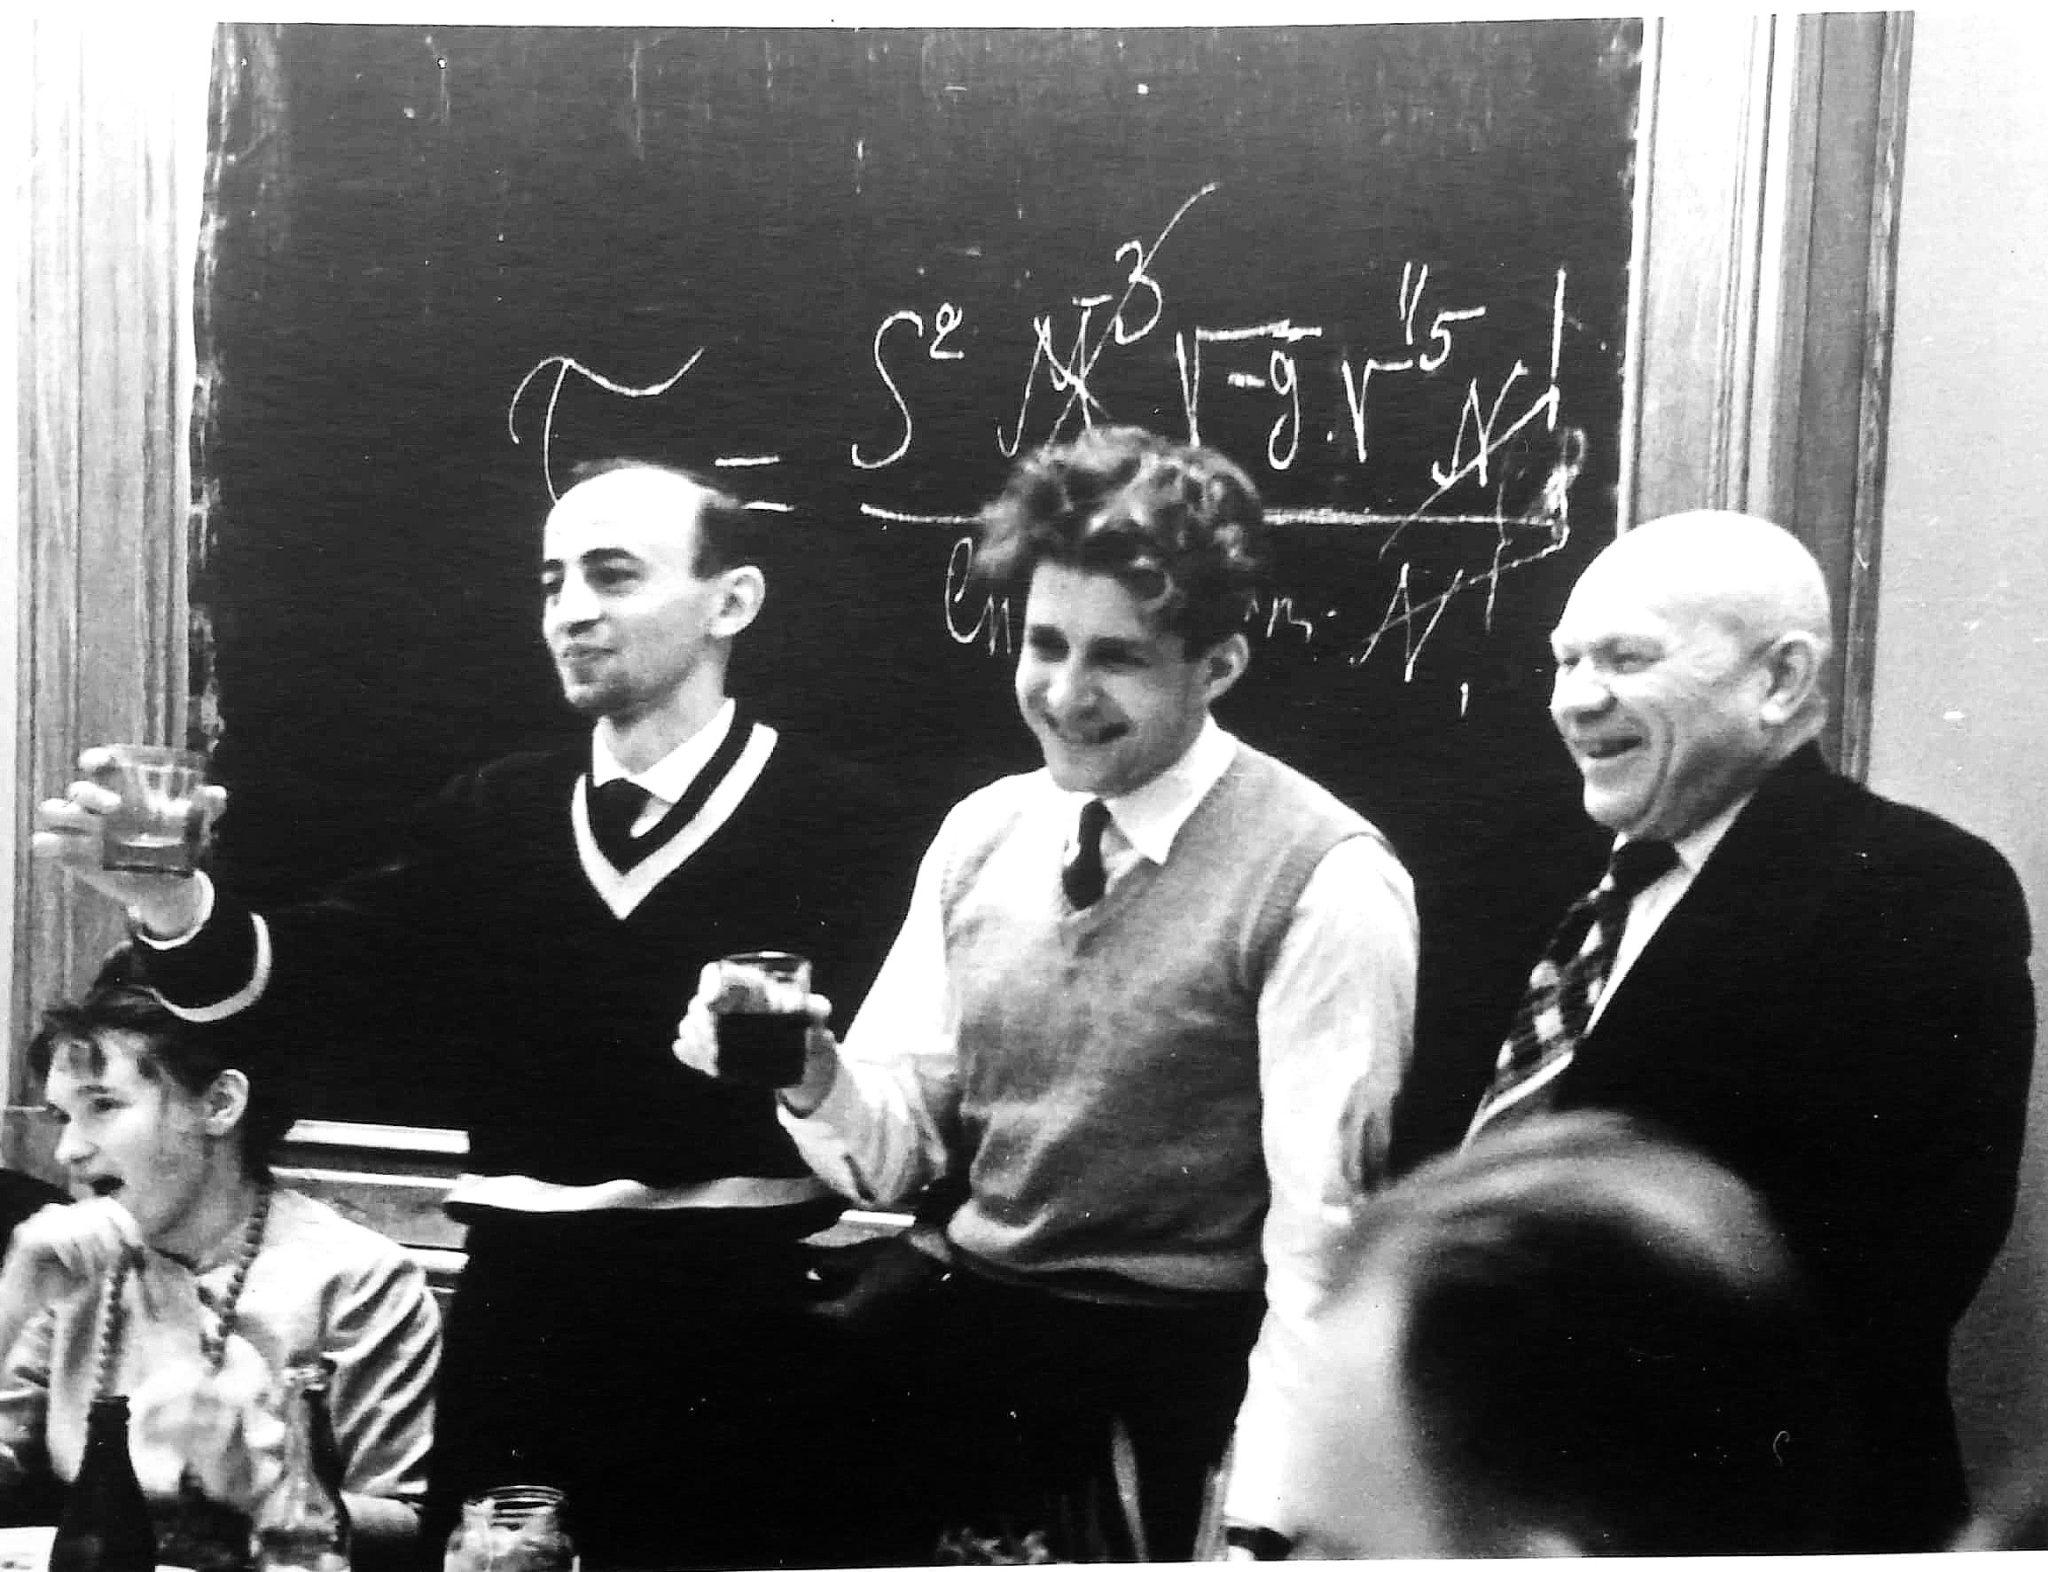 Слева направо: Элеонора Коток (жена И. Новикова), Игорь Новиков, Николай Кардашёв, Константин Куликов. Фото из архива И. Новикова